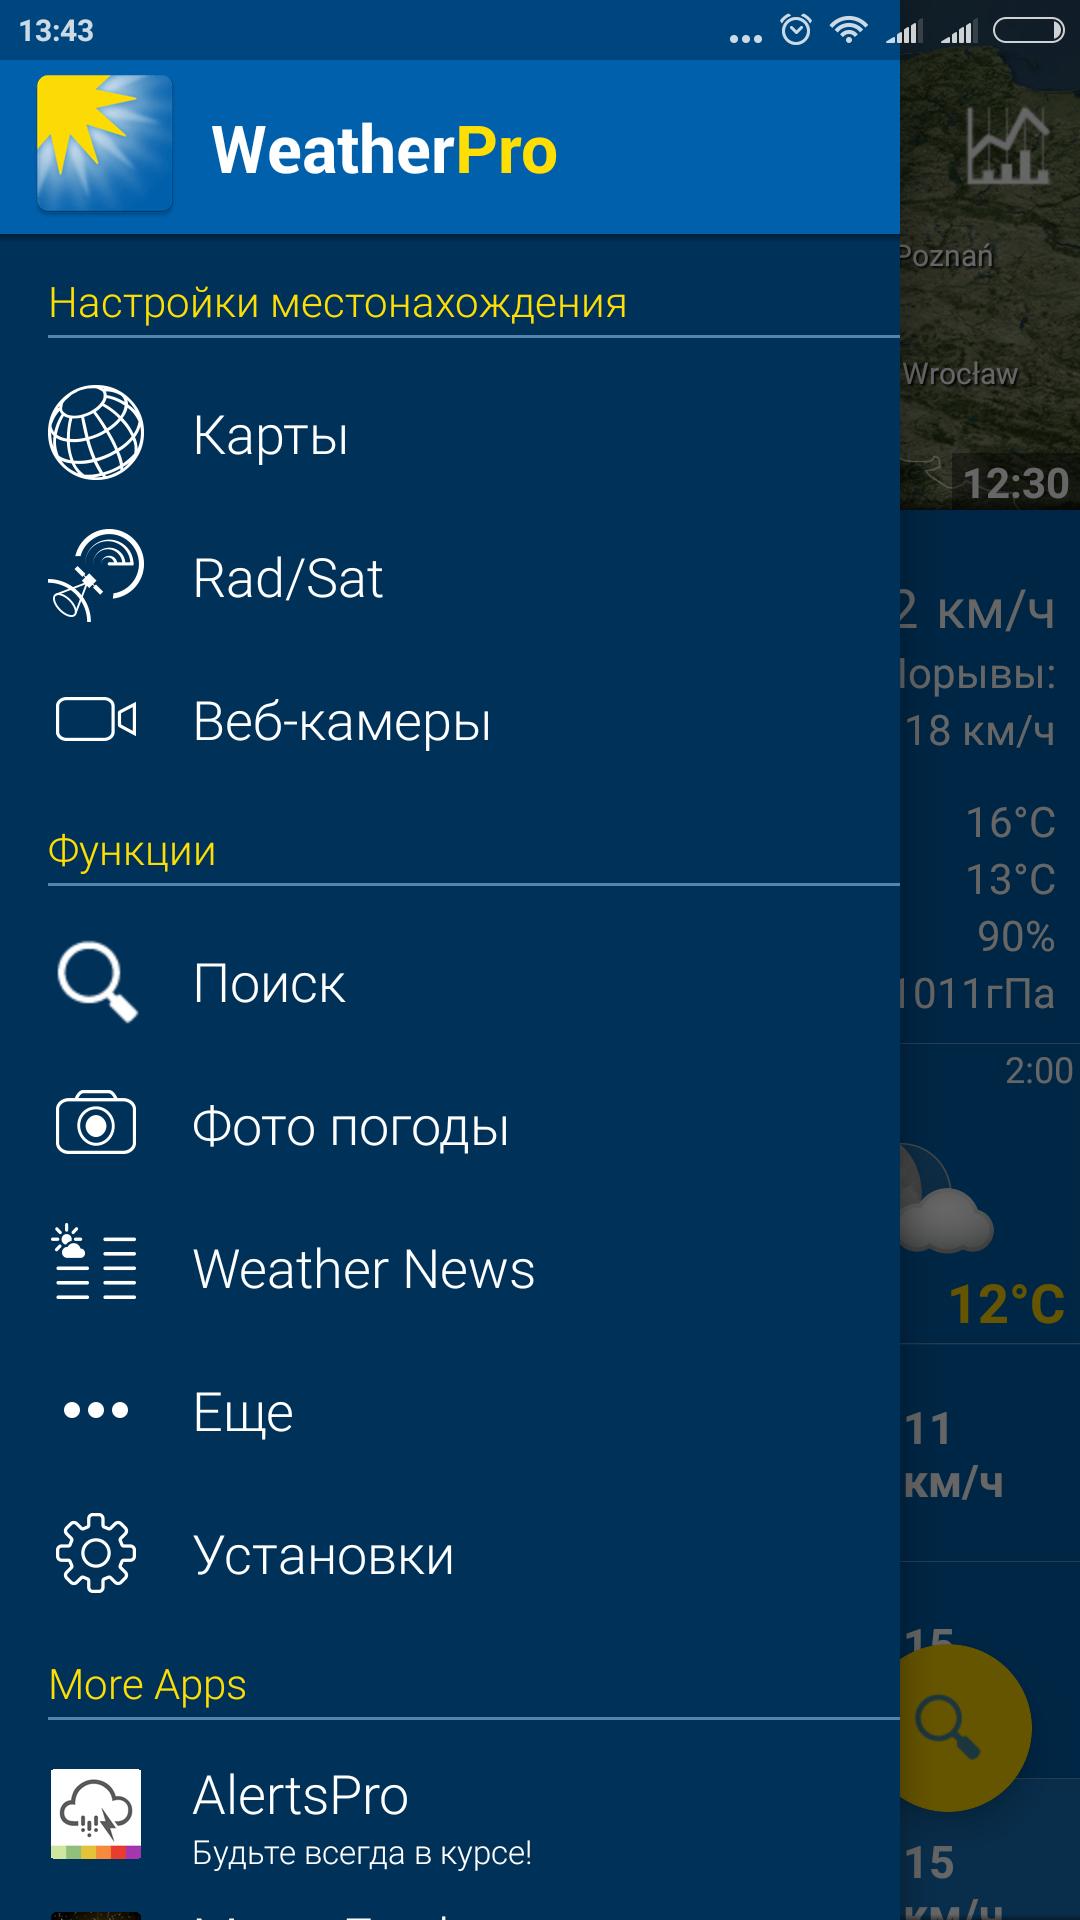 андроид знакомства по карте